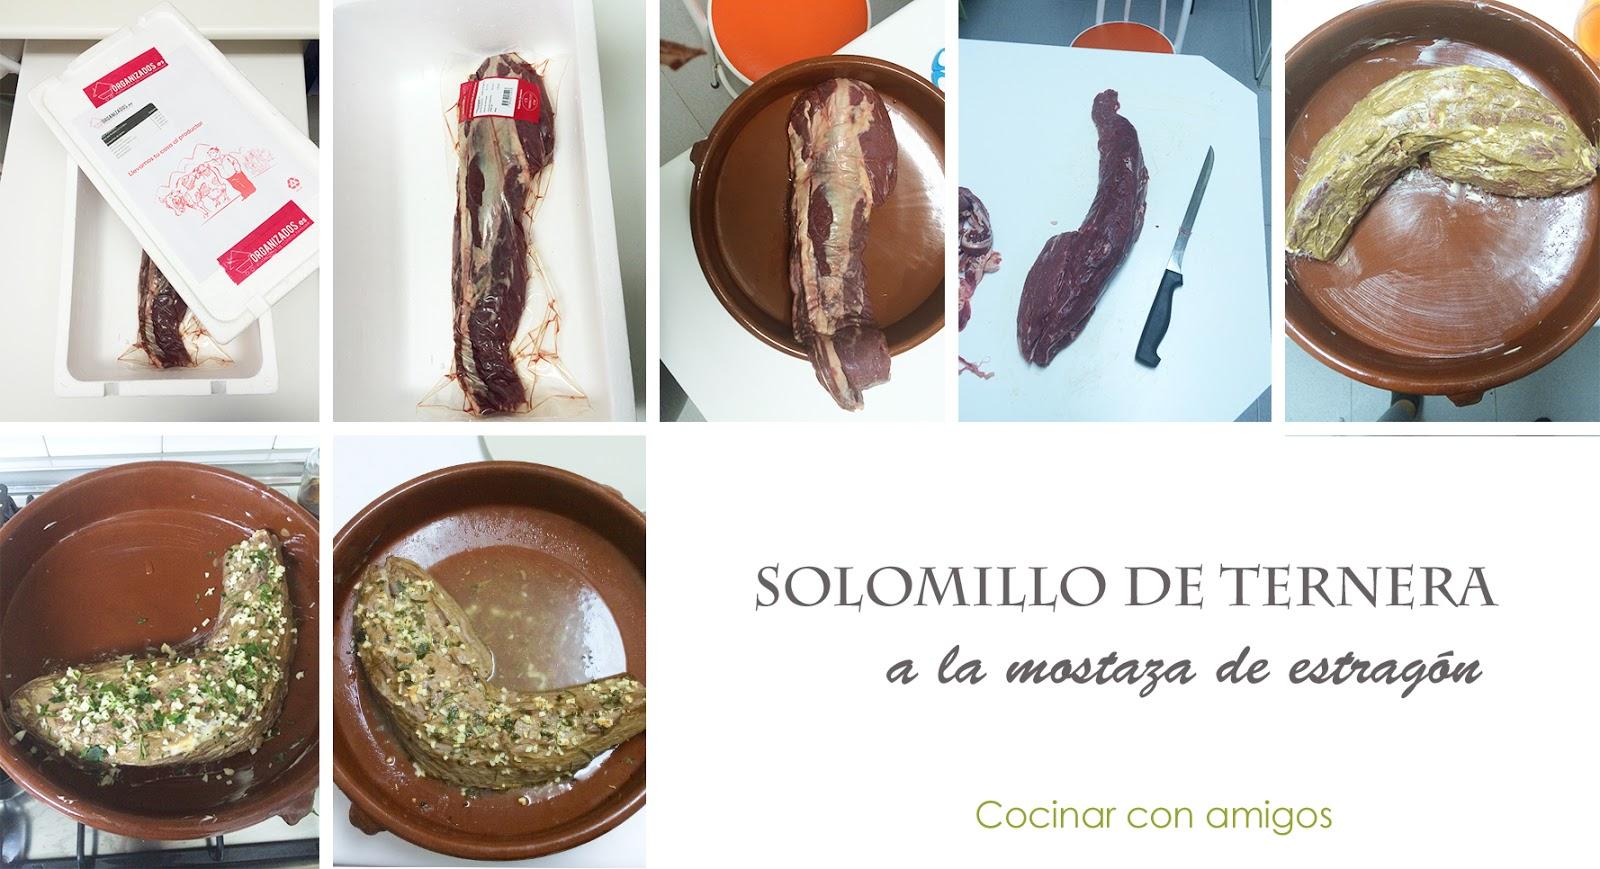 Solomillo de ternera a la mostaza cocinar con amigos - Solomillo de ternera al horno con mostaza ...